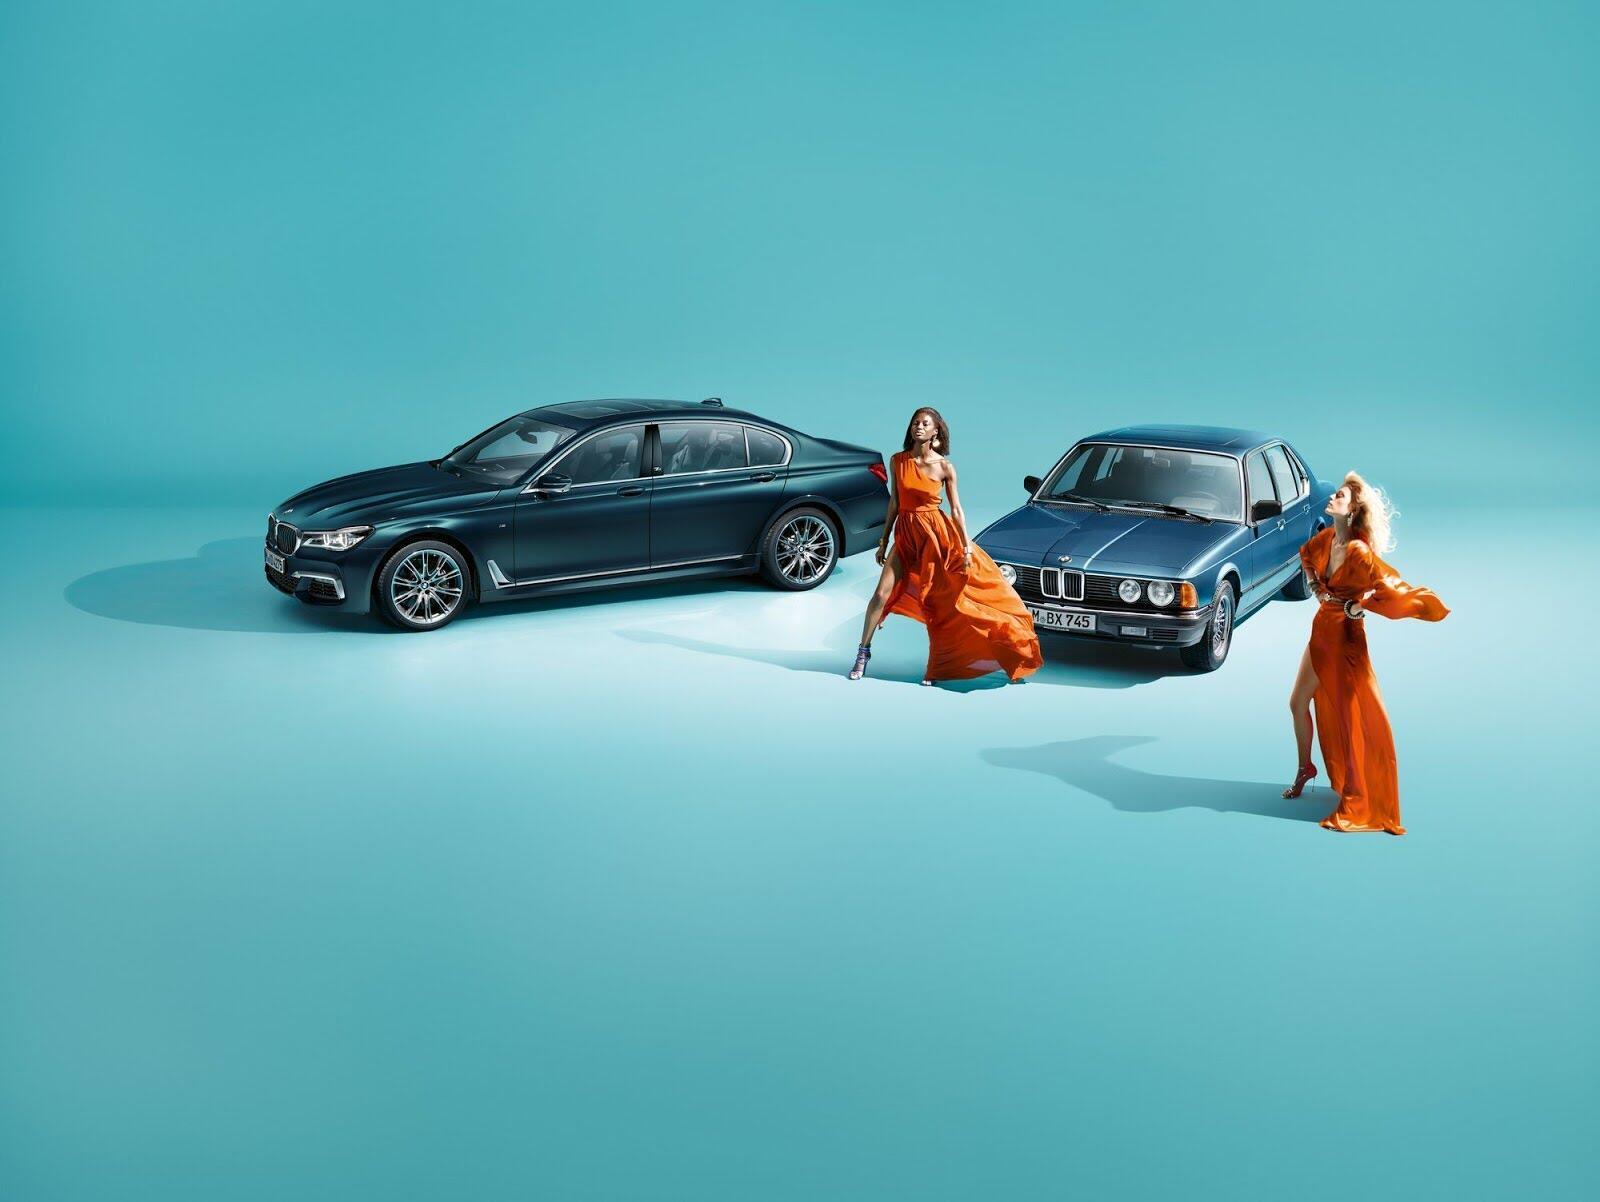 BMW 7-Series ra mắt phiên bản kỷ niệm chỉ 200 chiếc - Hình 3